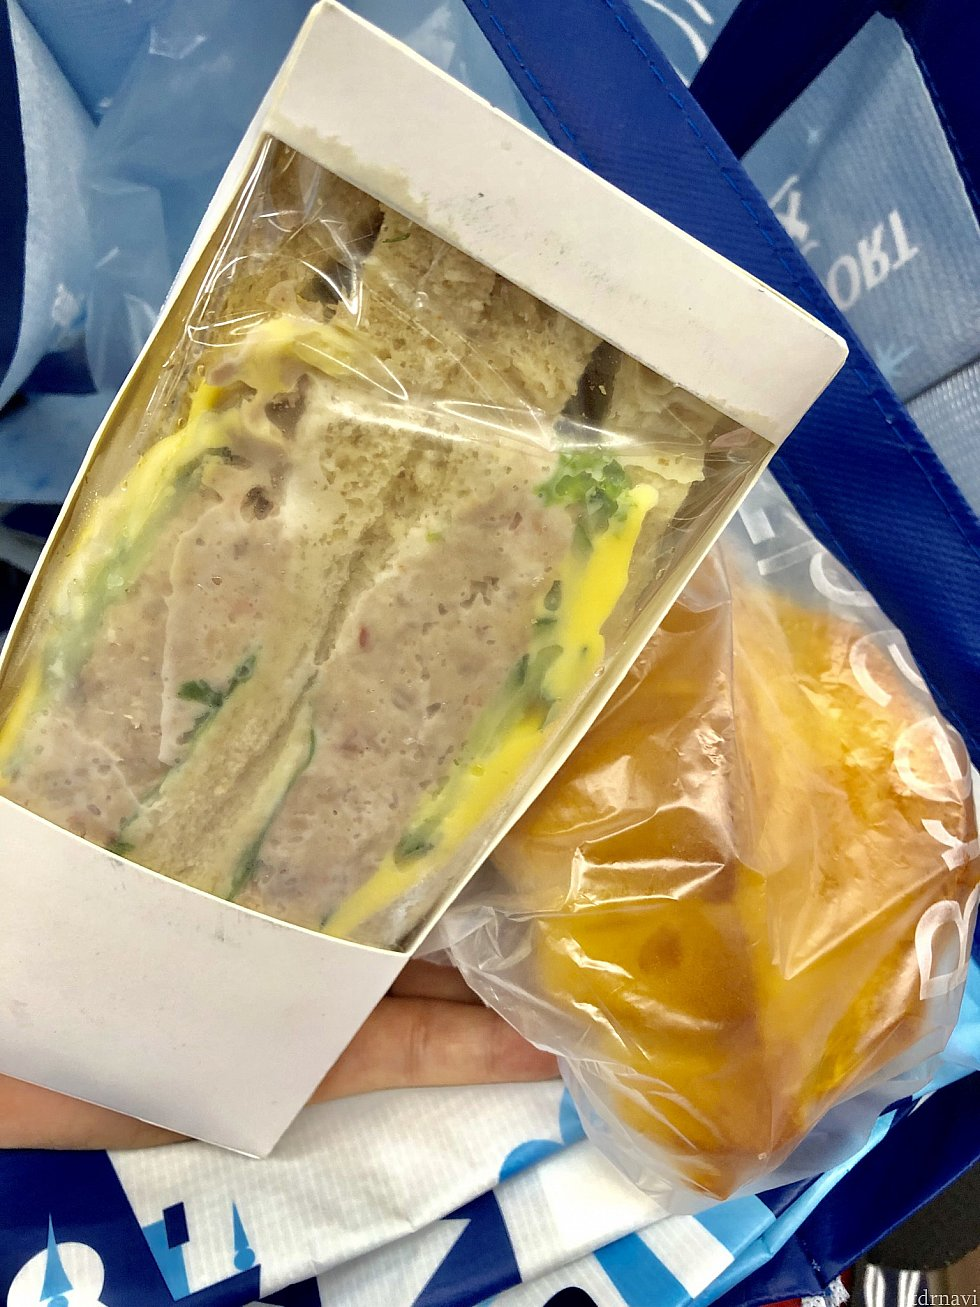 ツナサンド(22元)はボリュームたっぷり!塩パン(11元)は無難な感じ